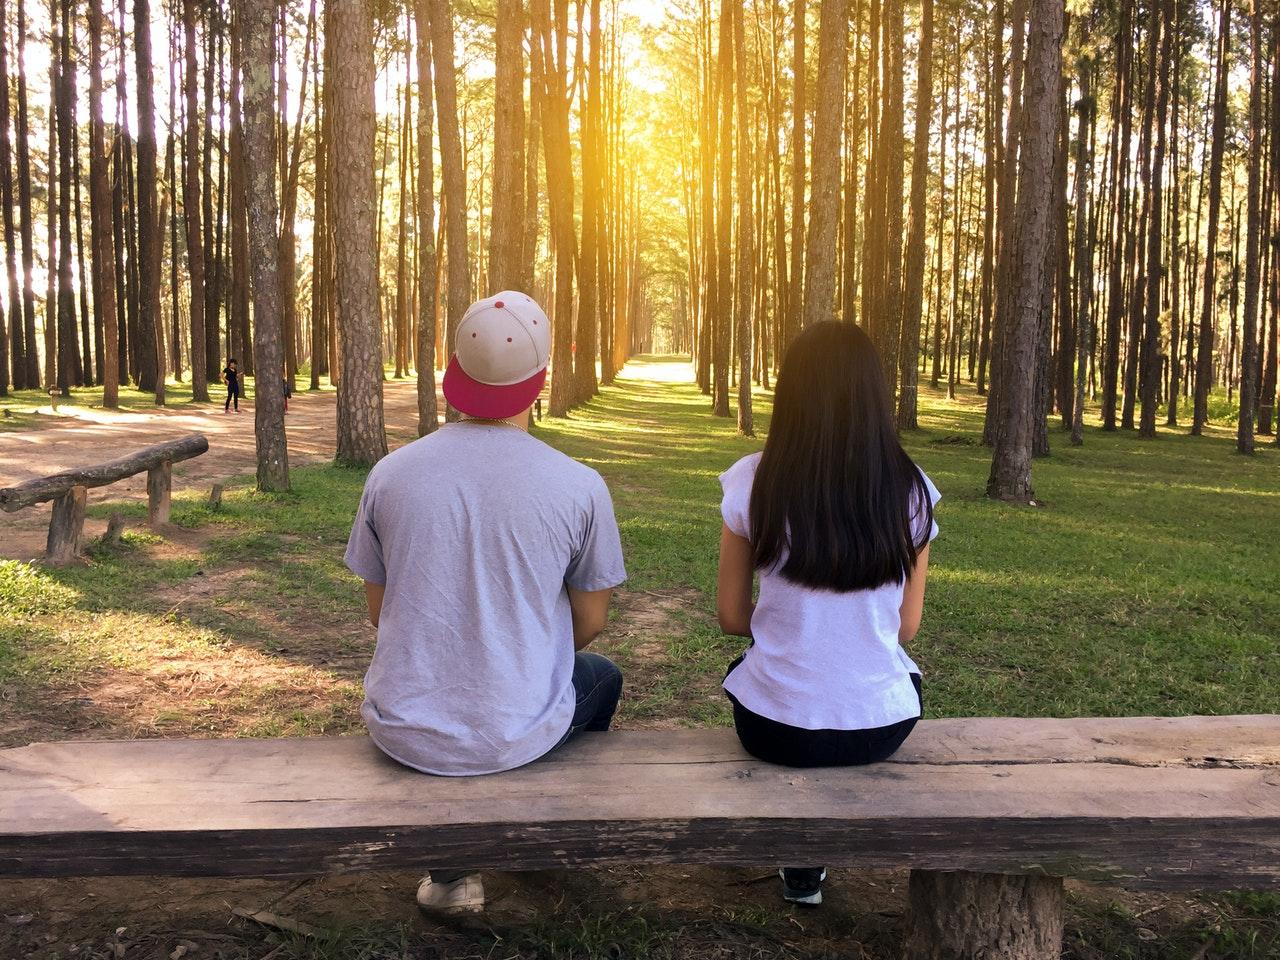 距離を開けて座るカップル